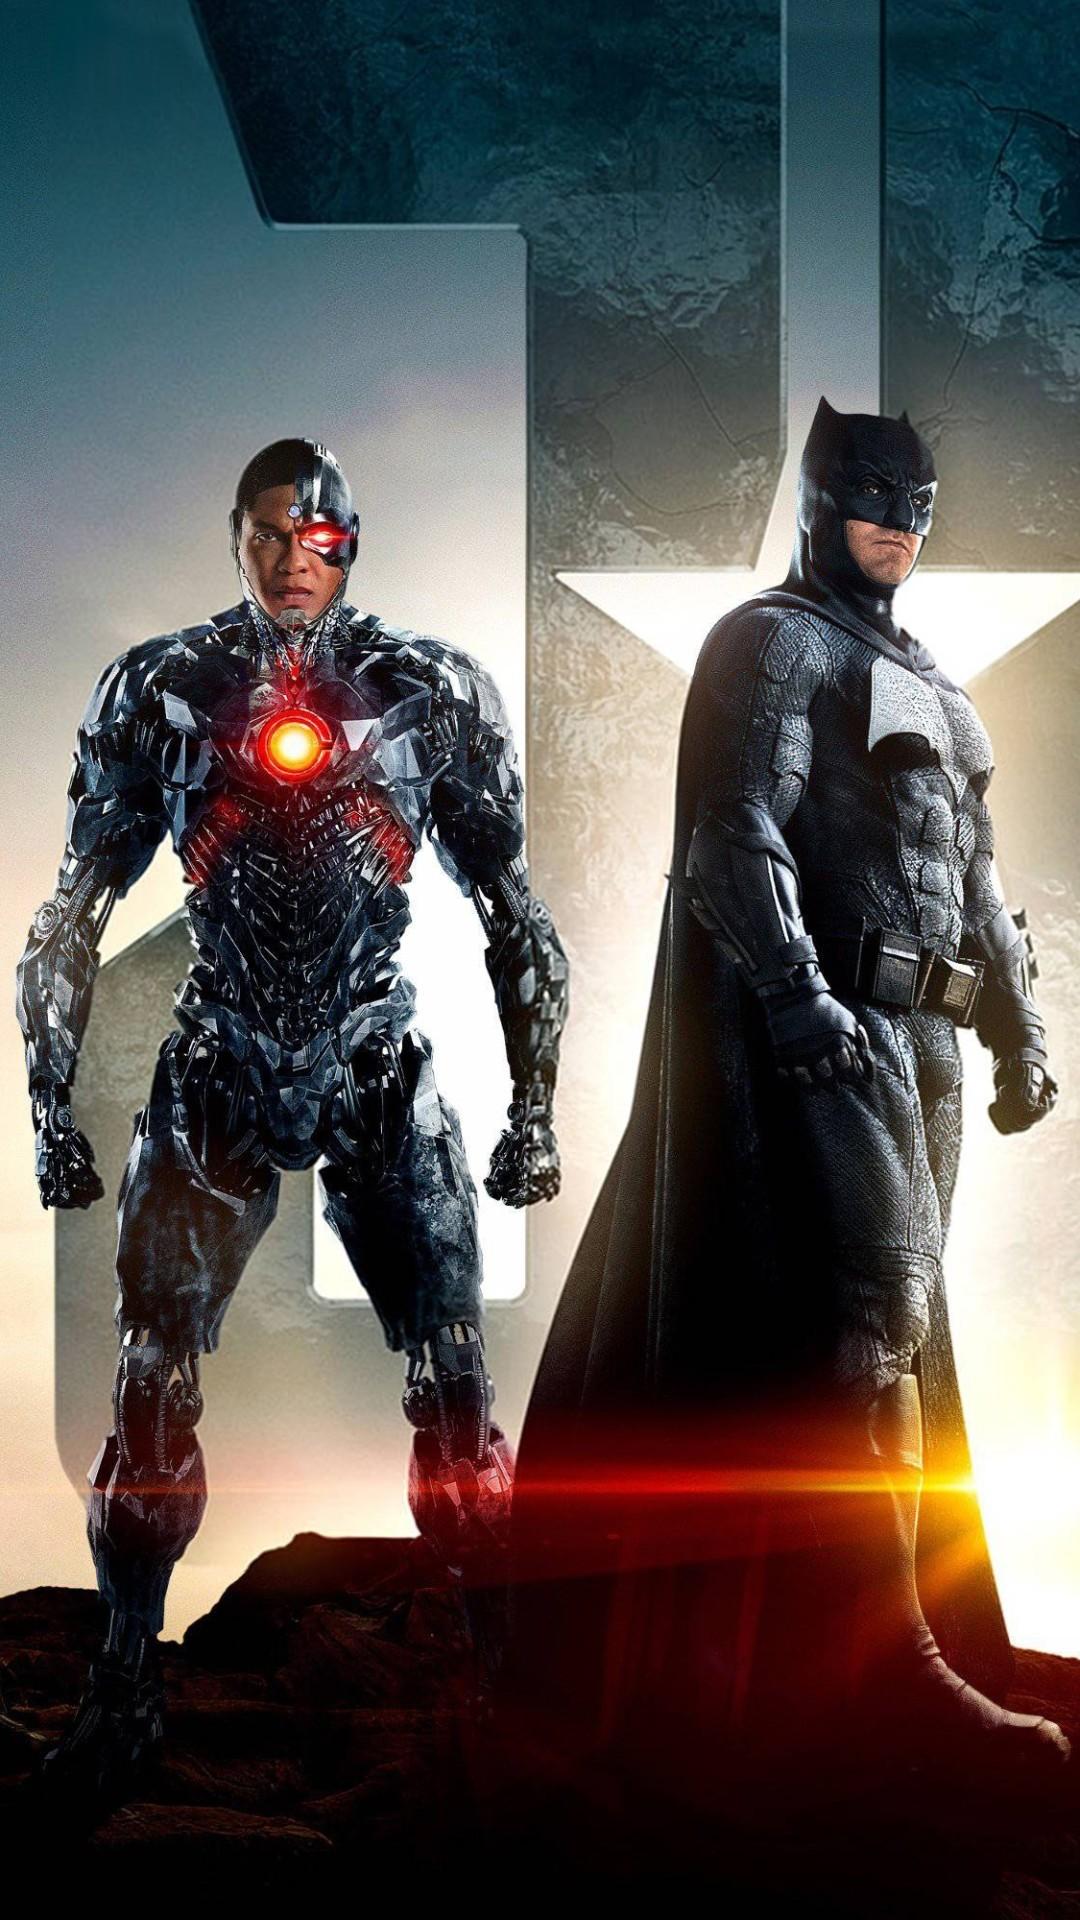 Justice League Wallpaper (76+ images)